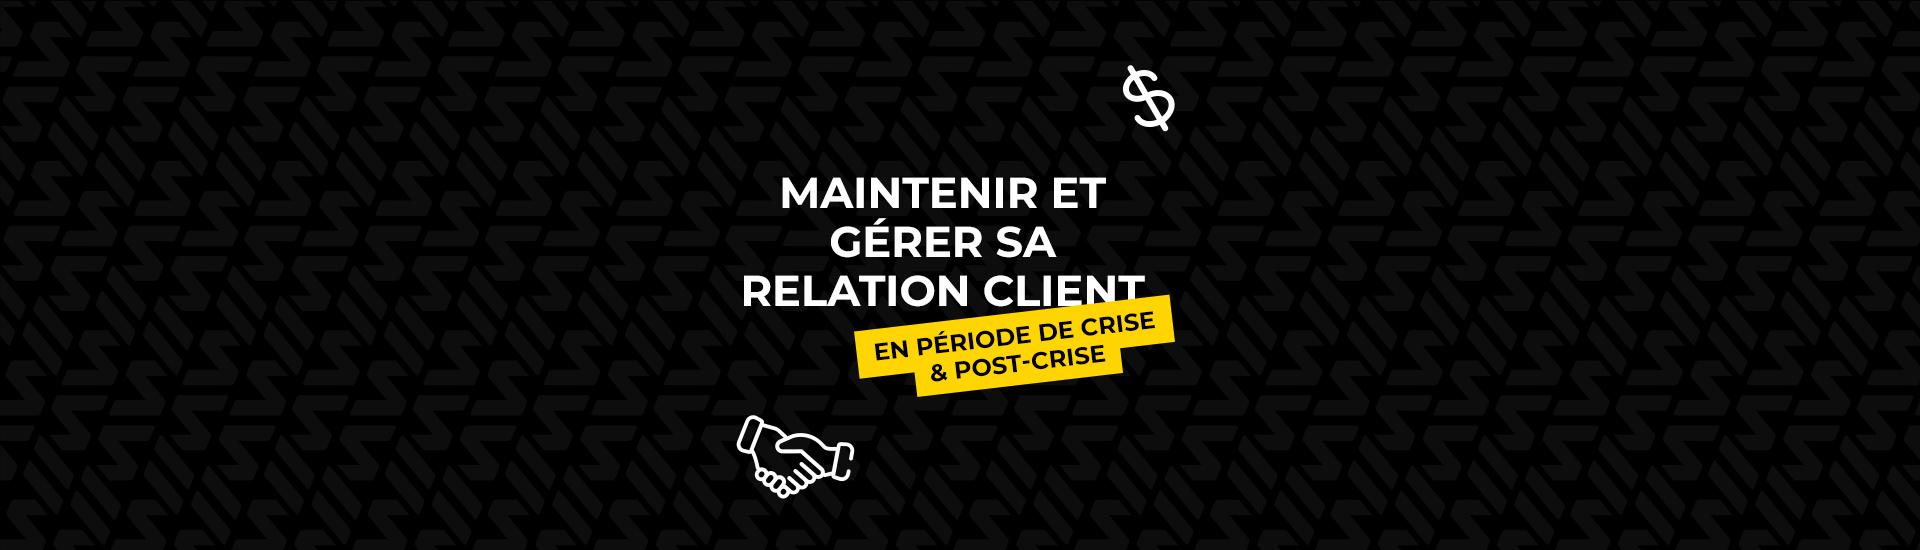 Webinar : Comment maintenir et gérer sa relation client en période de crise et post-crise ?